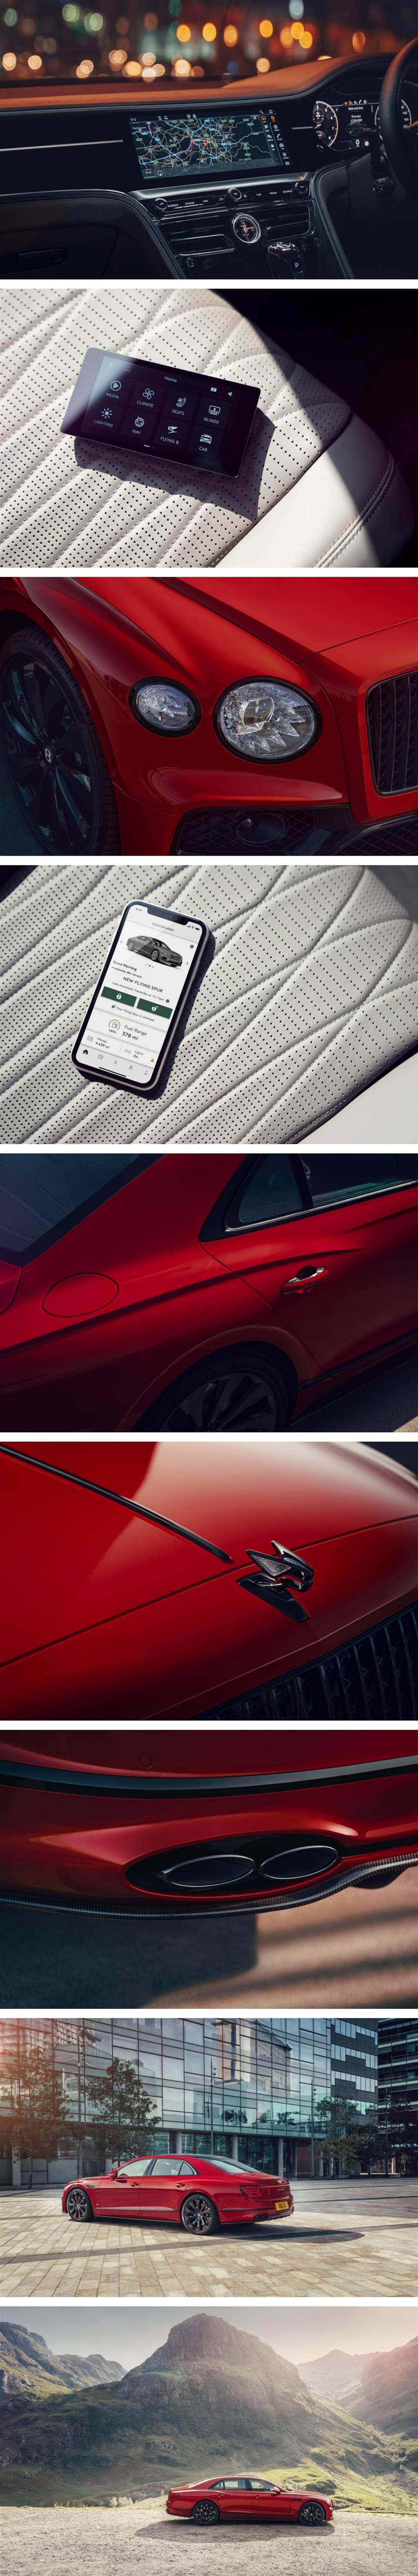 Bentley Flying Spur新增V8動力車型 比W12車型輕100公斤